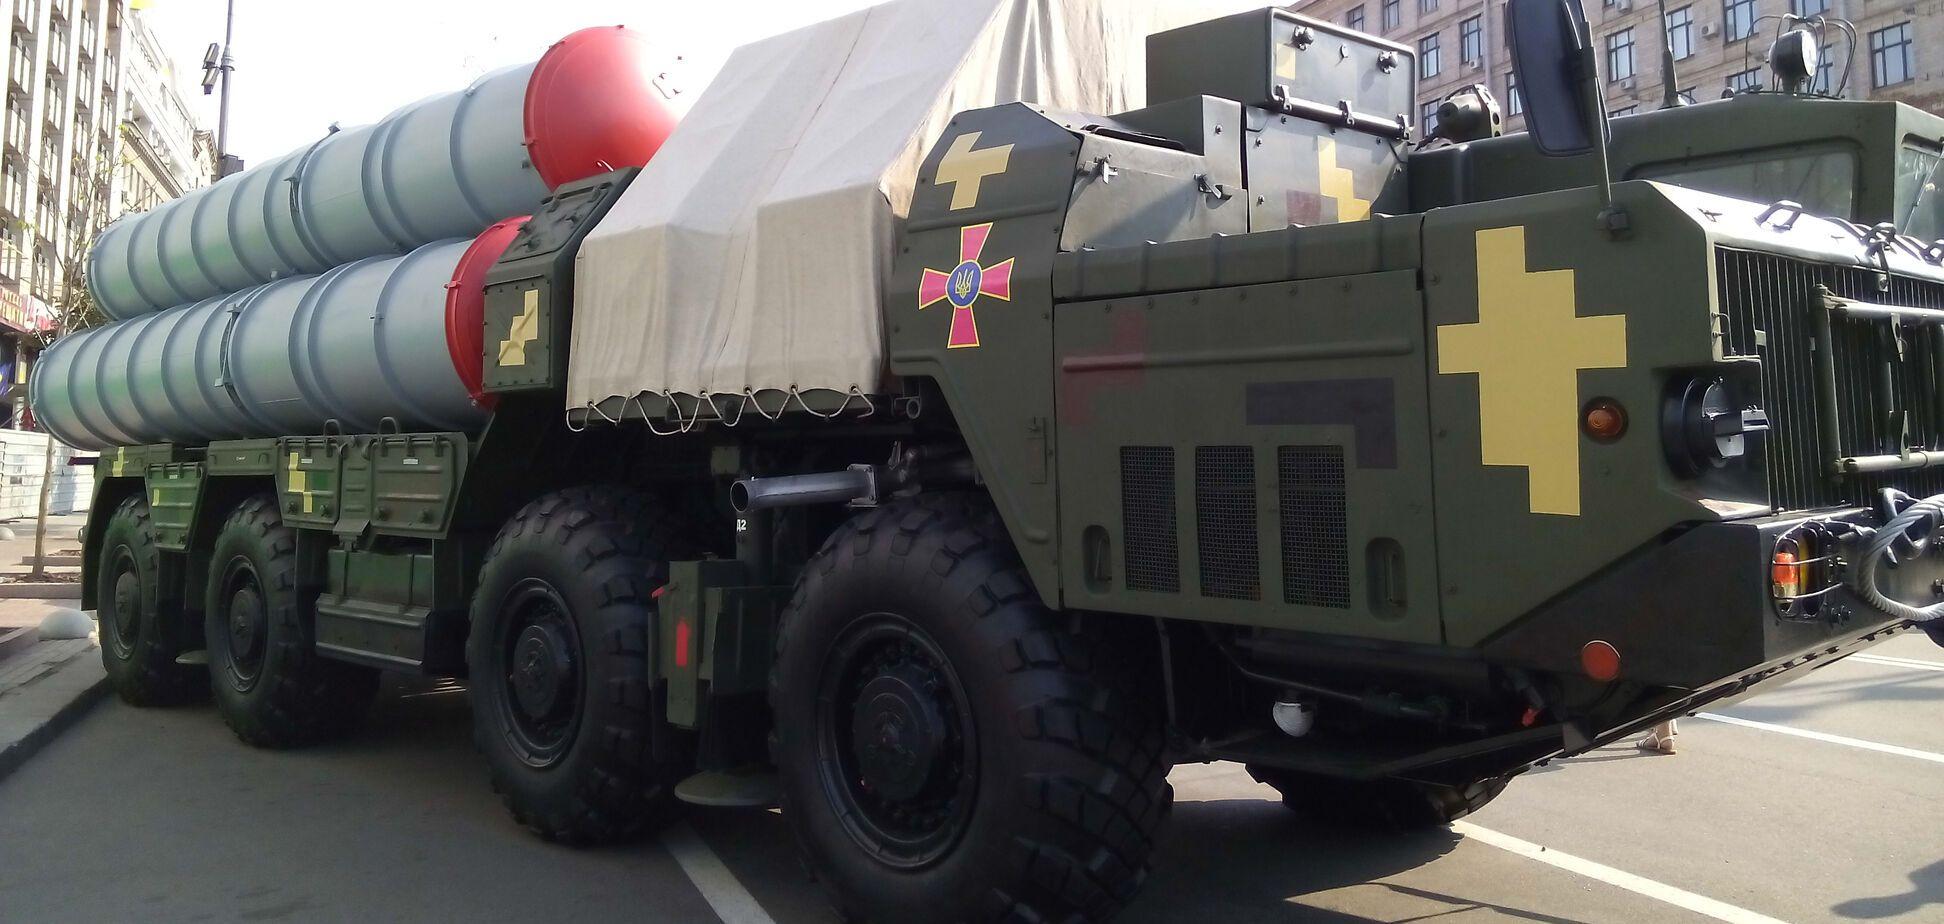 'Мясом сегодня победы не будет': генерал сравнил армии РФ и Украины